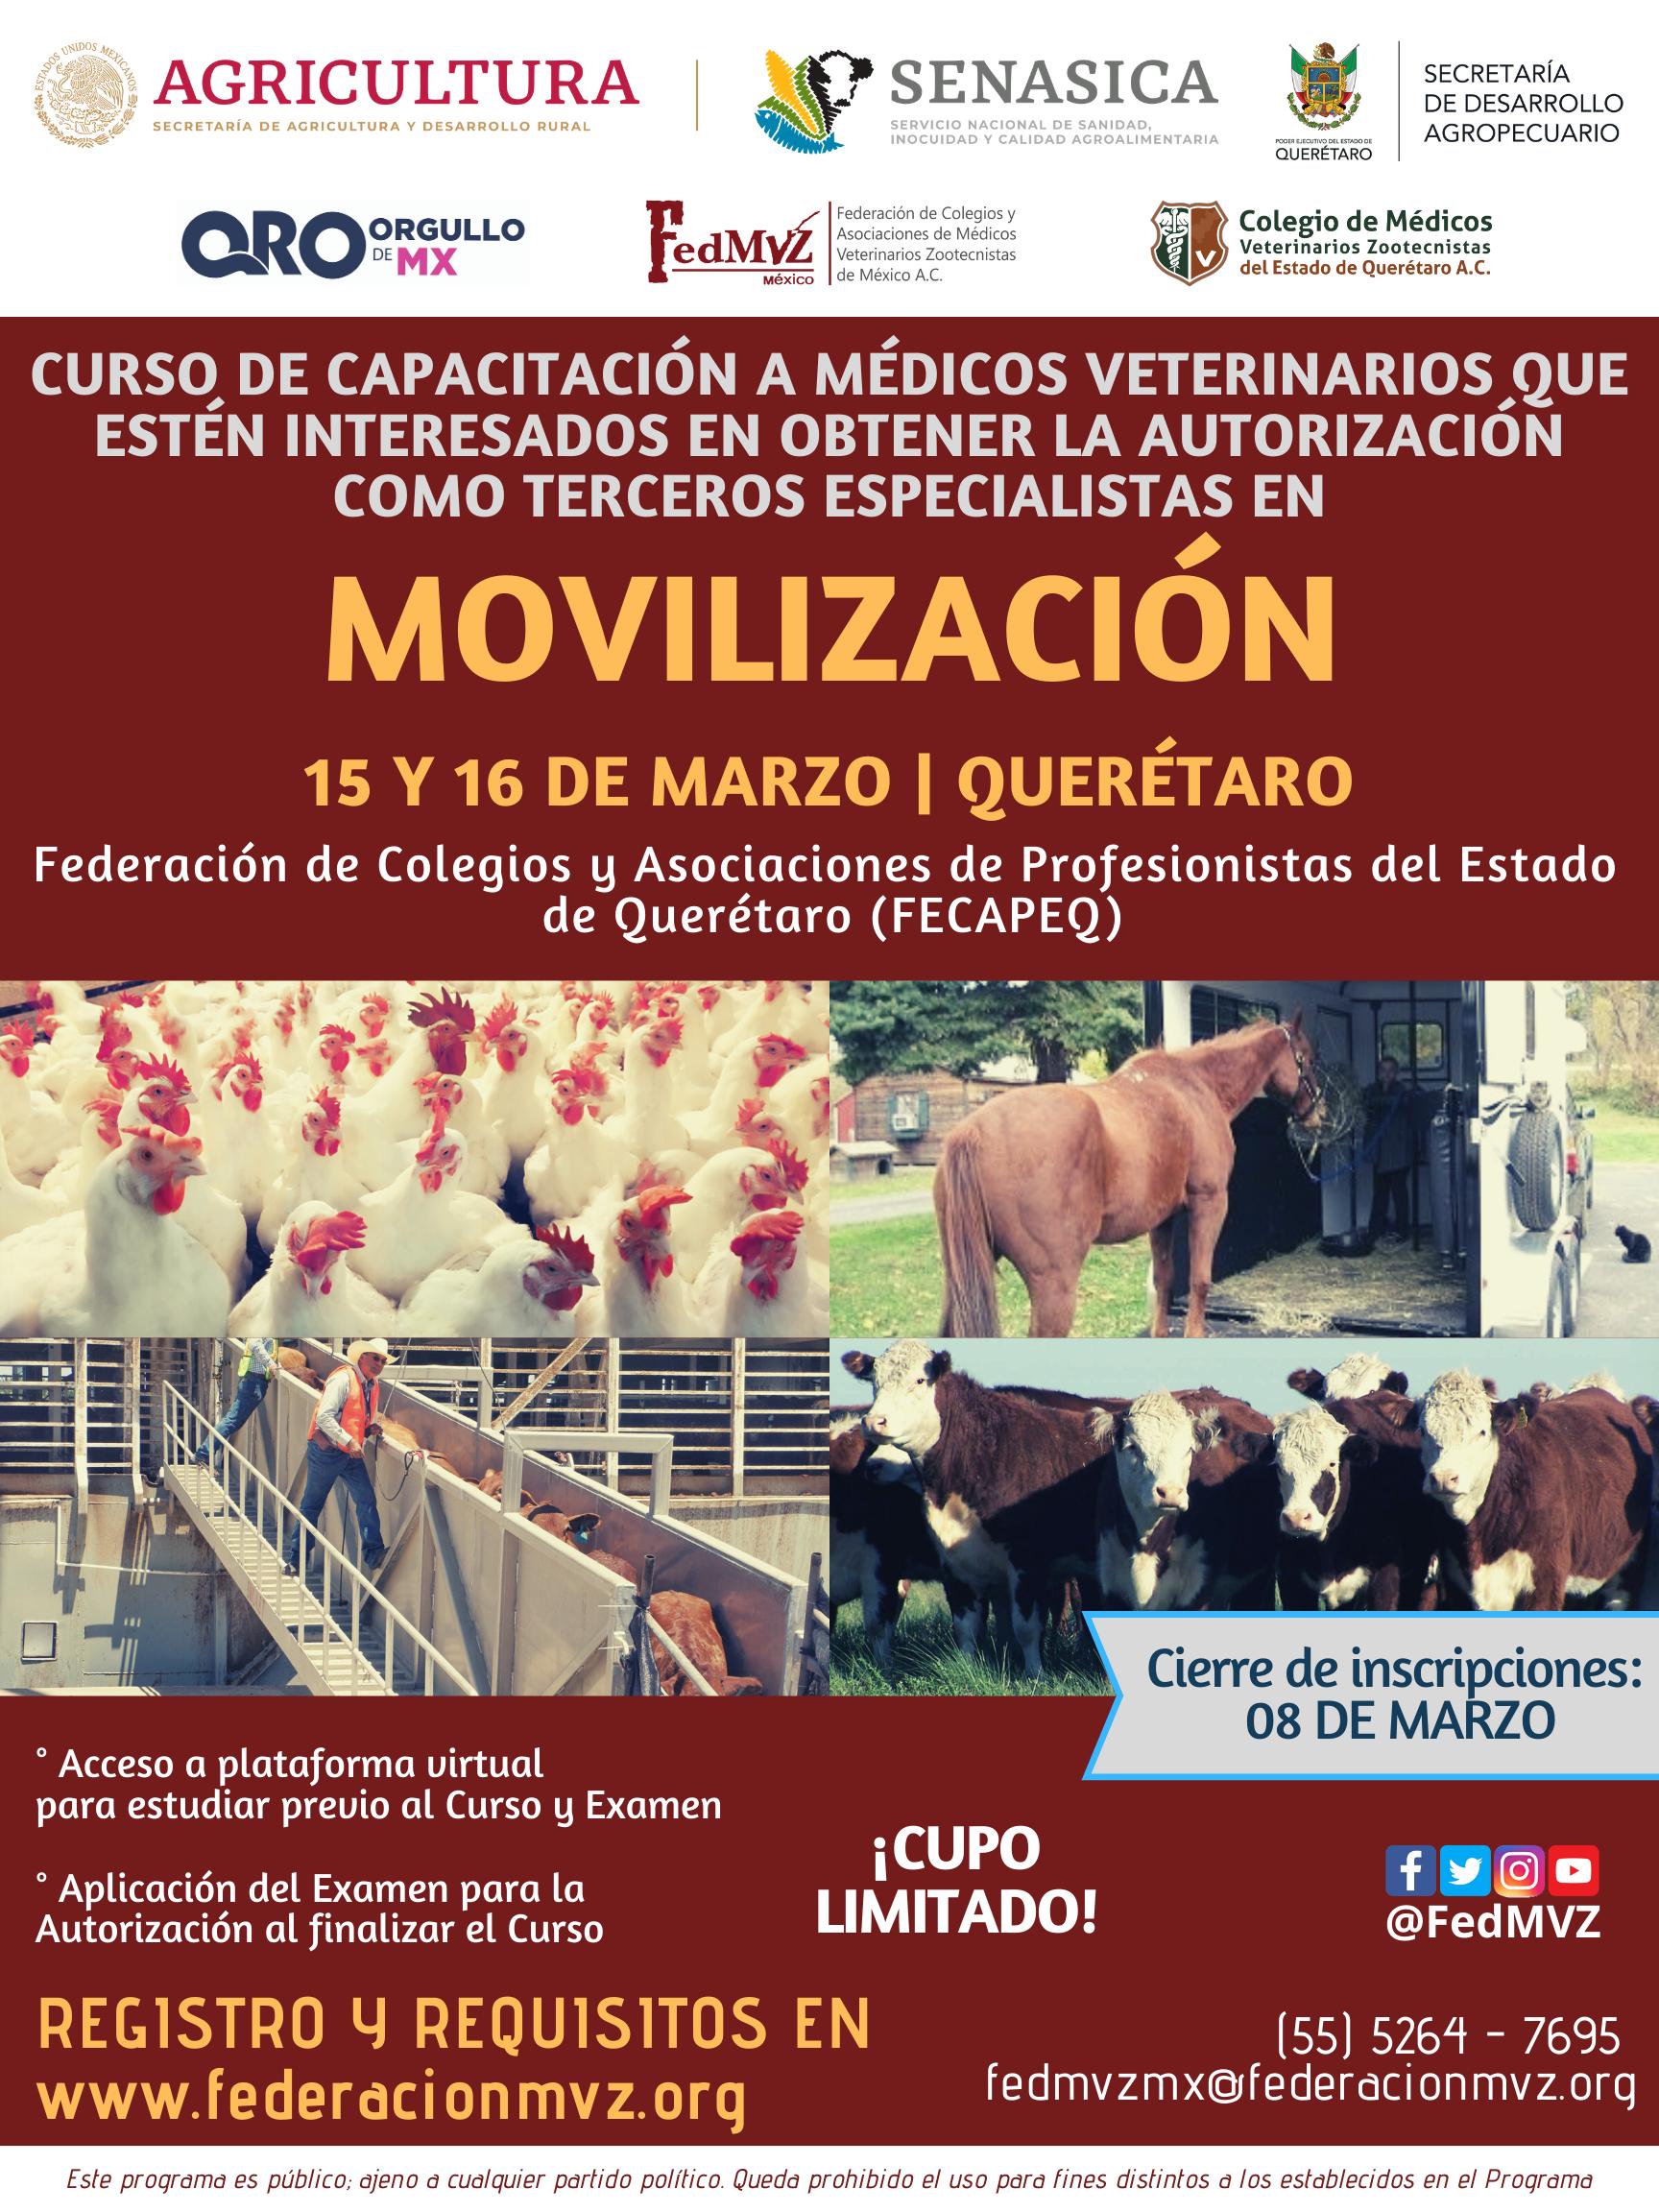 CURSO MVTEA MOVILIZACIÓN QUERÉTARO MARZO